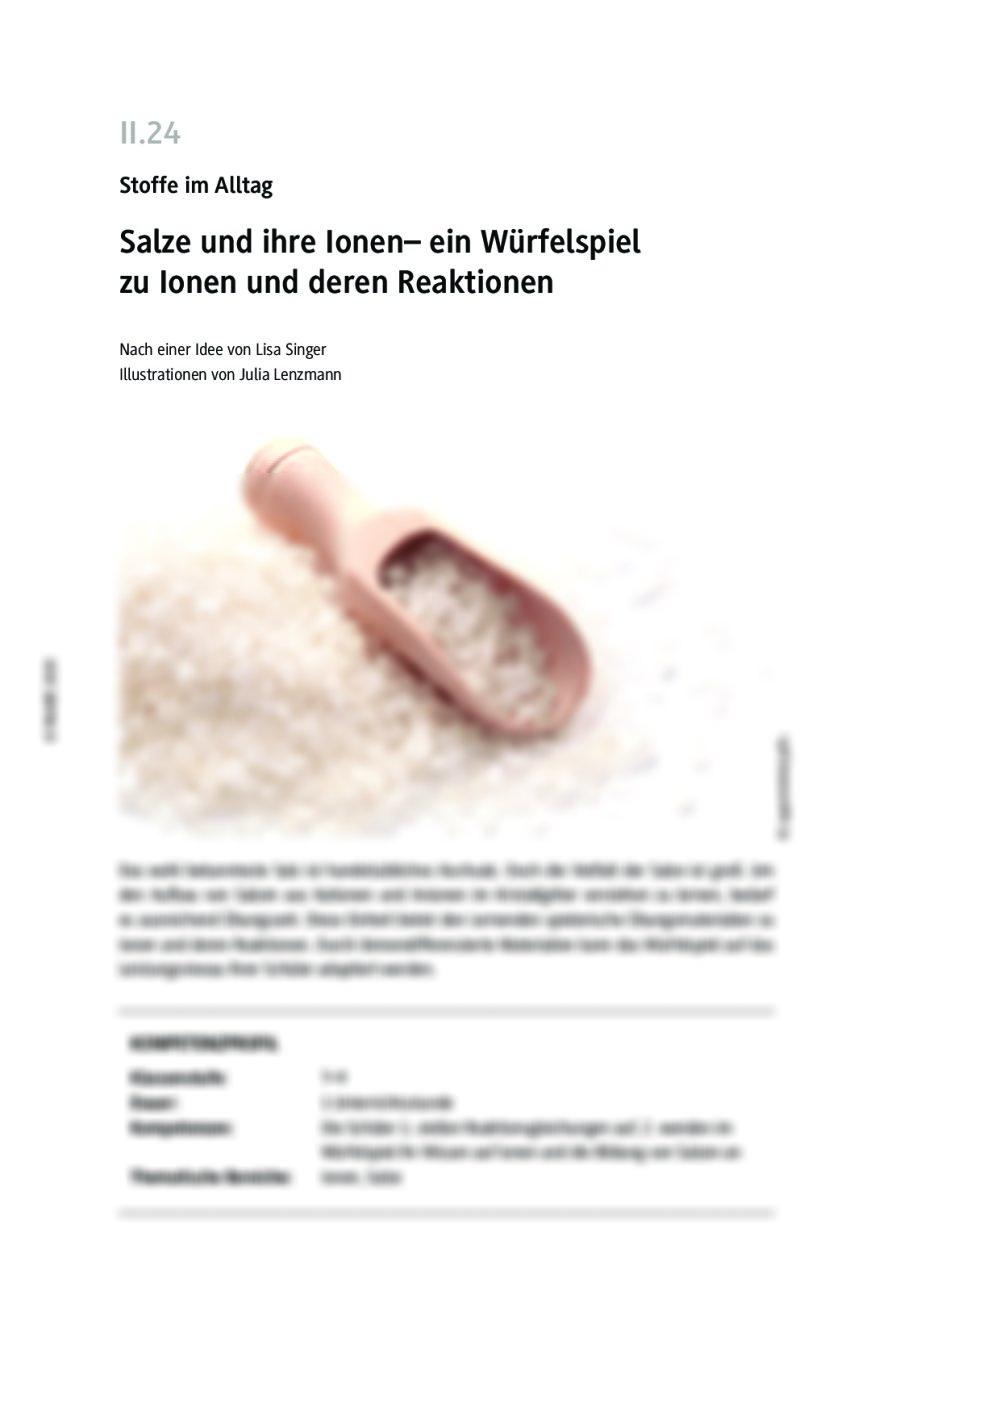 Salze und ihre Ionen - Seite 1